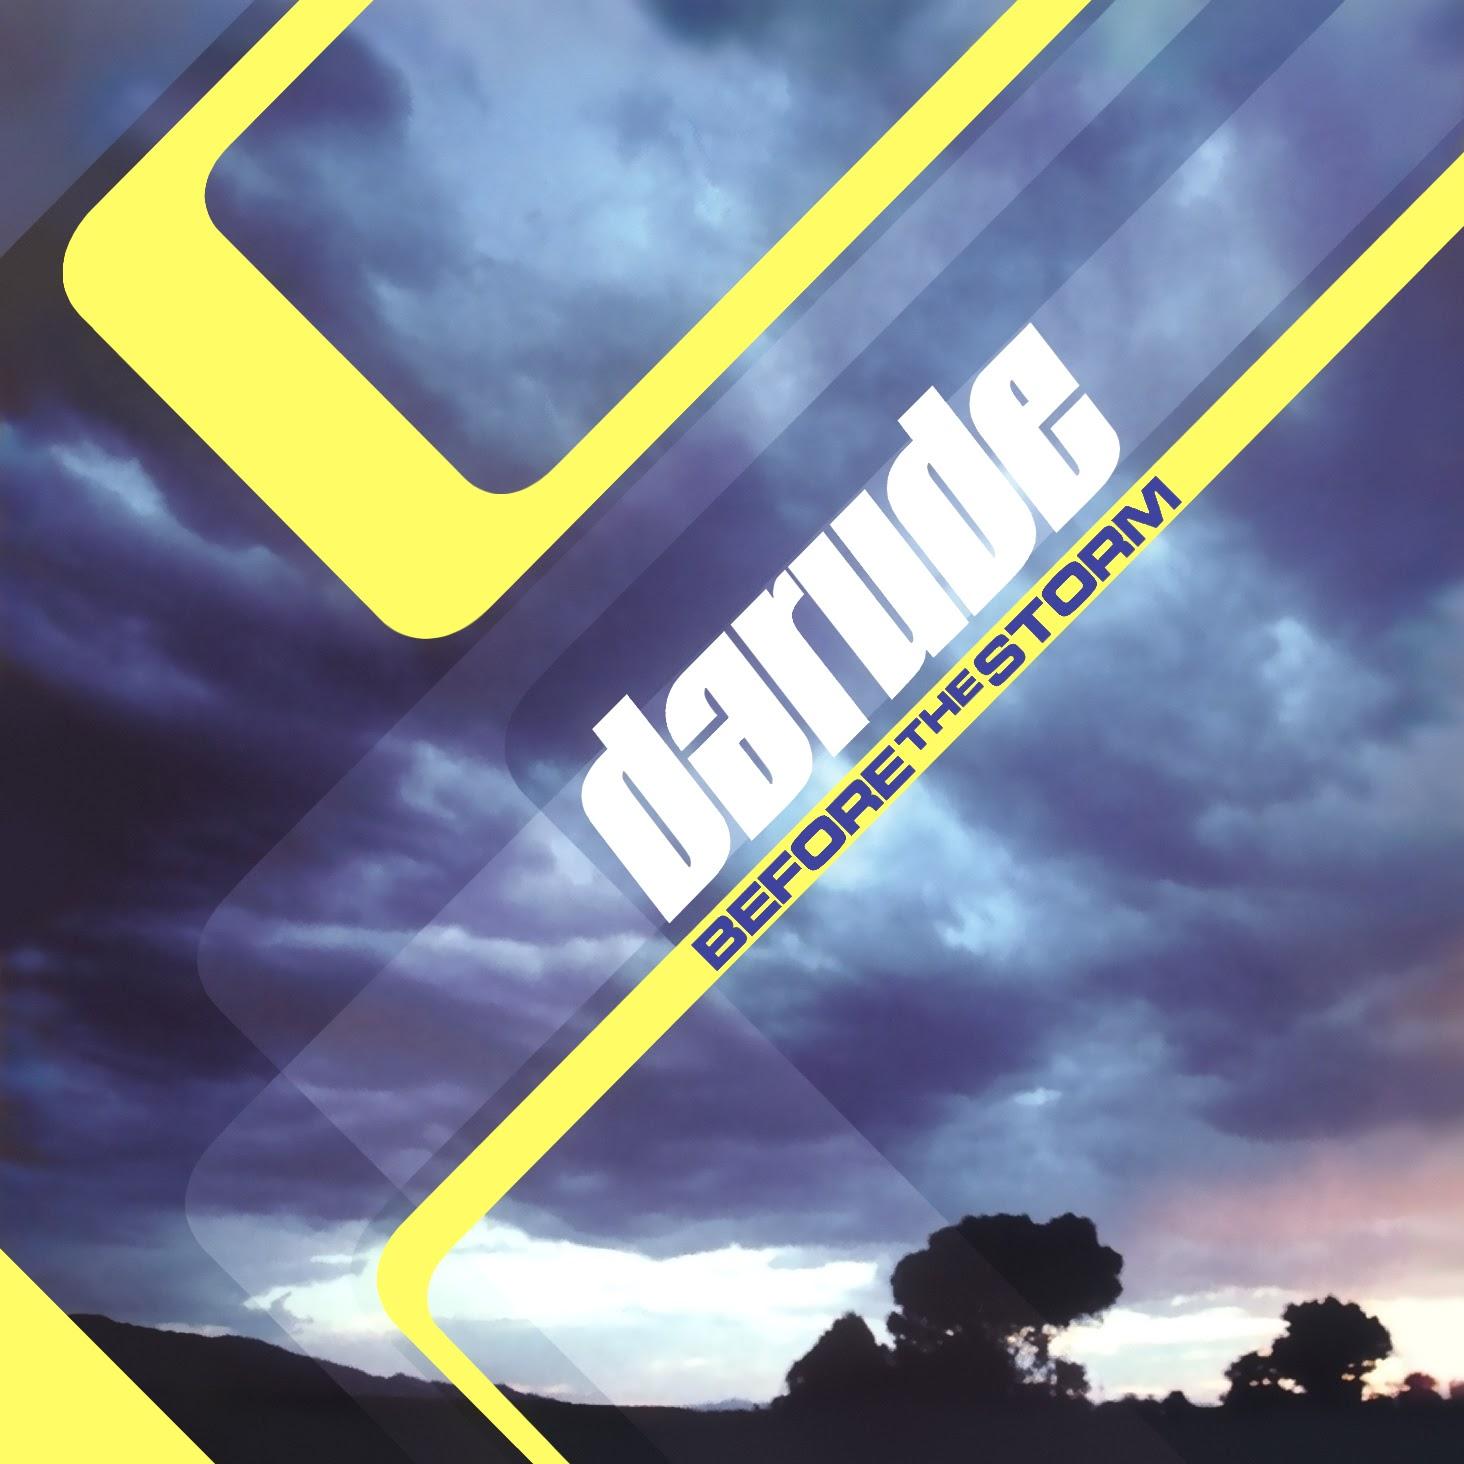 Album Artist: Darude / Album Title: Before the Storm